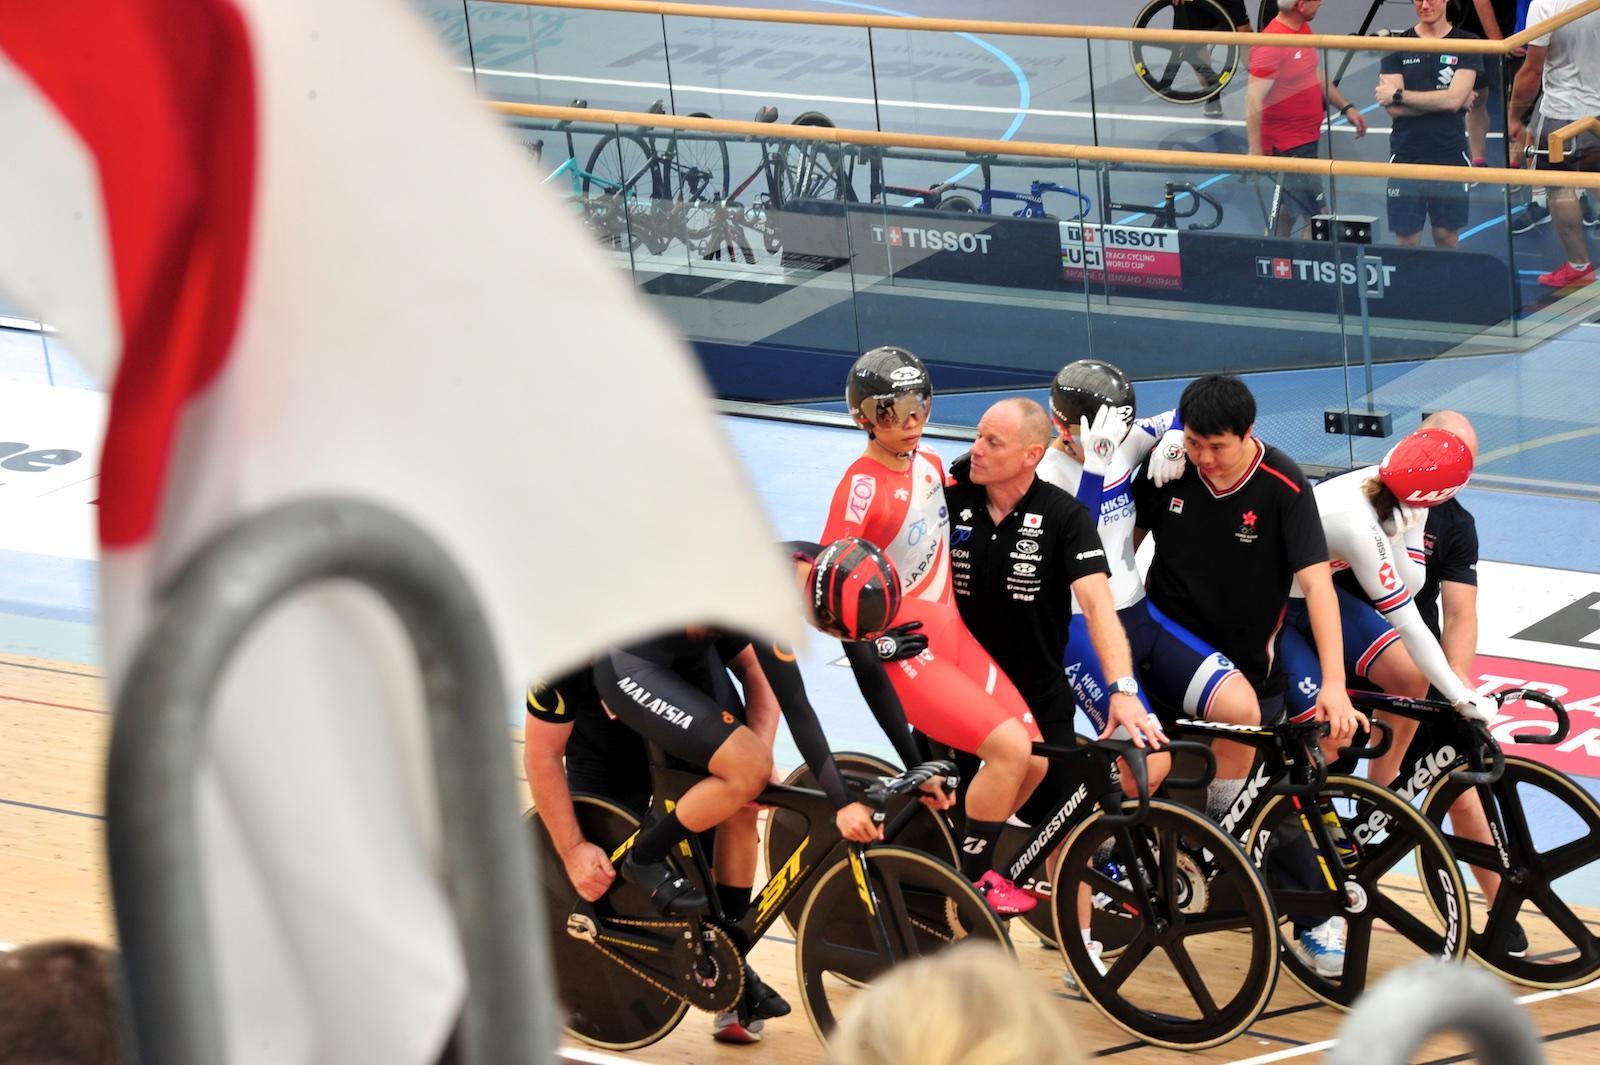 女子ケイリン/太田14位、悔しい結果と高評価のはざまで【UCIトラックW杯第5戦 オーストラリア】